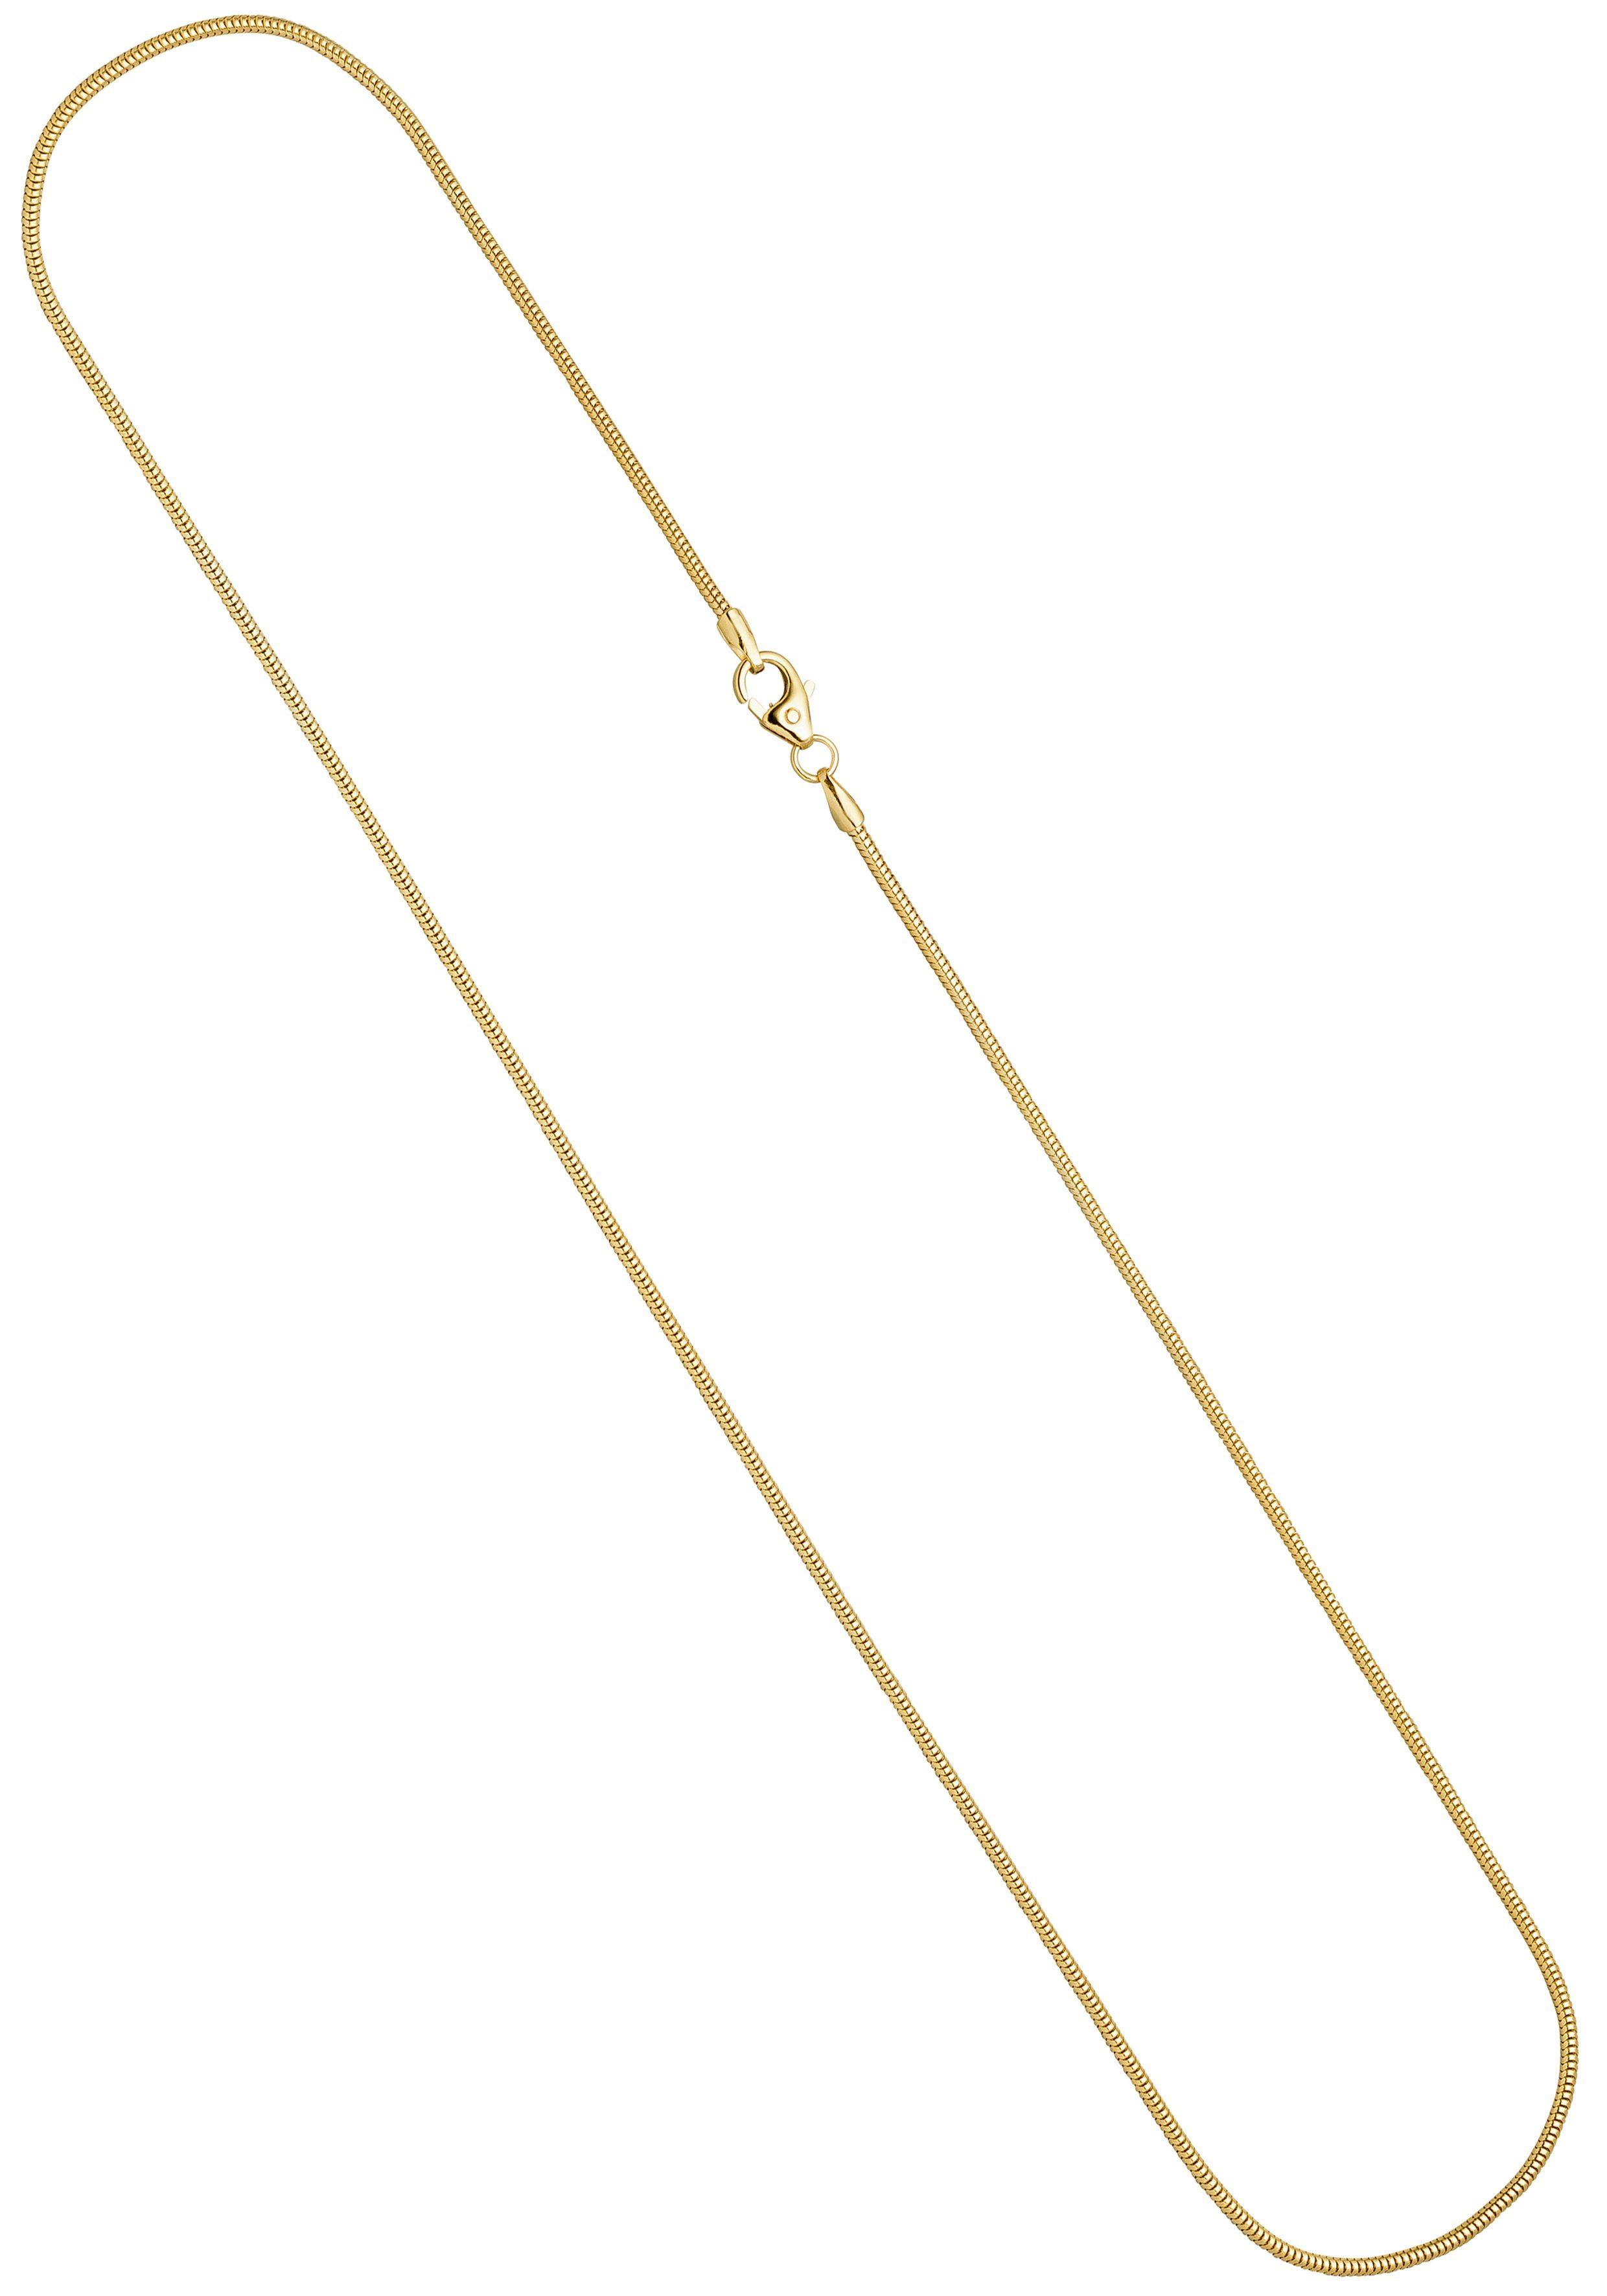 JOBO Goldkette Schlangenkette 333 Gold 42 cm 1,6 mm